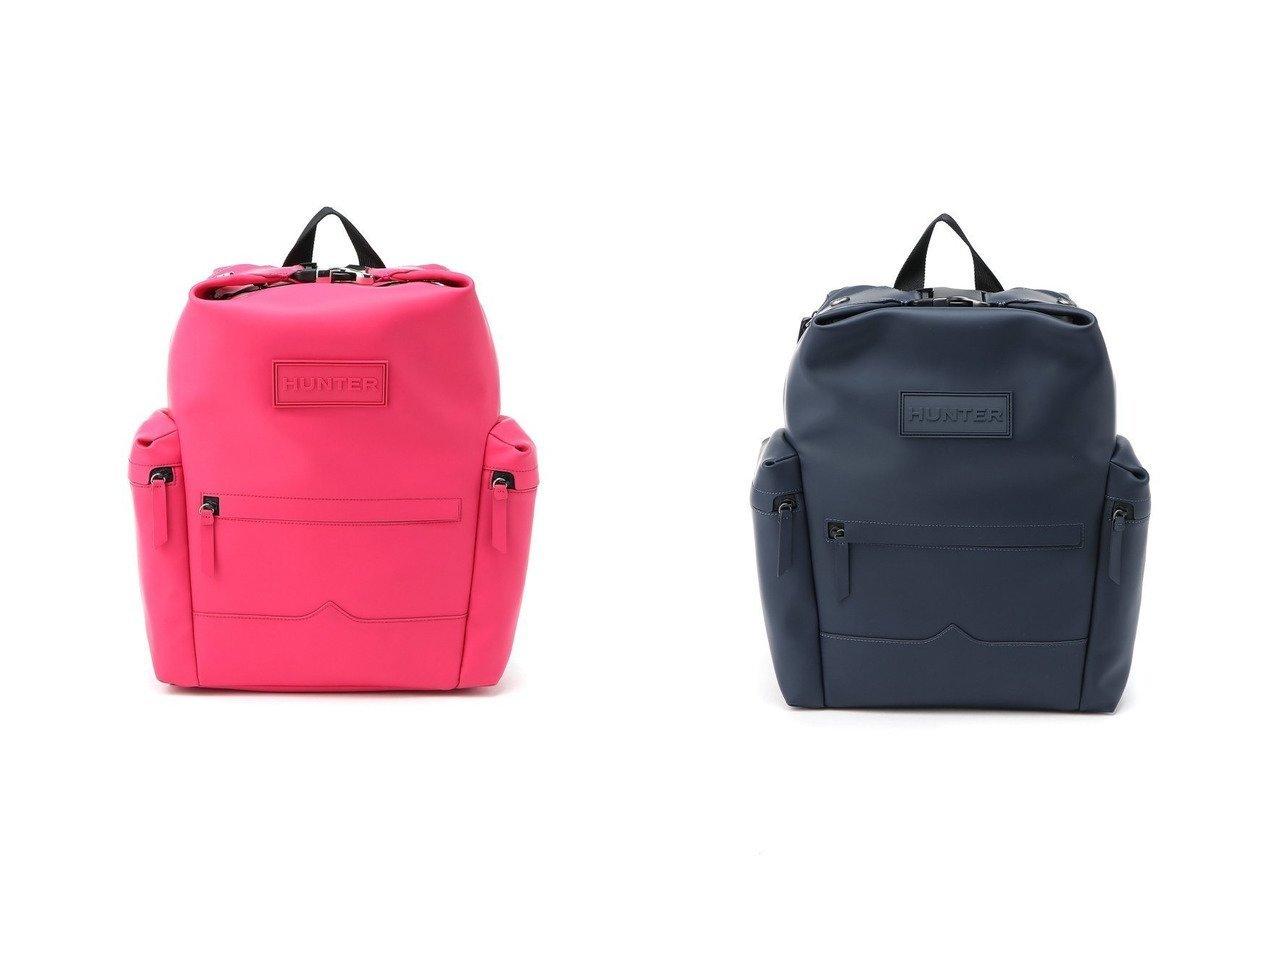 【HUNTER/ハンター】のORG TOPCLIP BACKPACK-RUB LTH バッグ・鞄のおすすめ!人気、トレンド・レディースファッションの通販 おすすめで人気の流行・トレンド、ファッションの通販商品 メンズファッション・キッズファッション・インテリア・家具・レディースファッション・服の通販 founy(ファニー) https://founy.com/ ファッション Fashion レディースファッション WOMEN バッグ Bag フロント ポケット ラップ リュック |ID:crp329100000022631